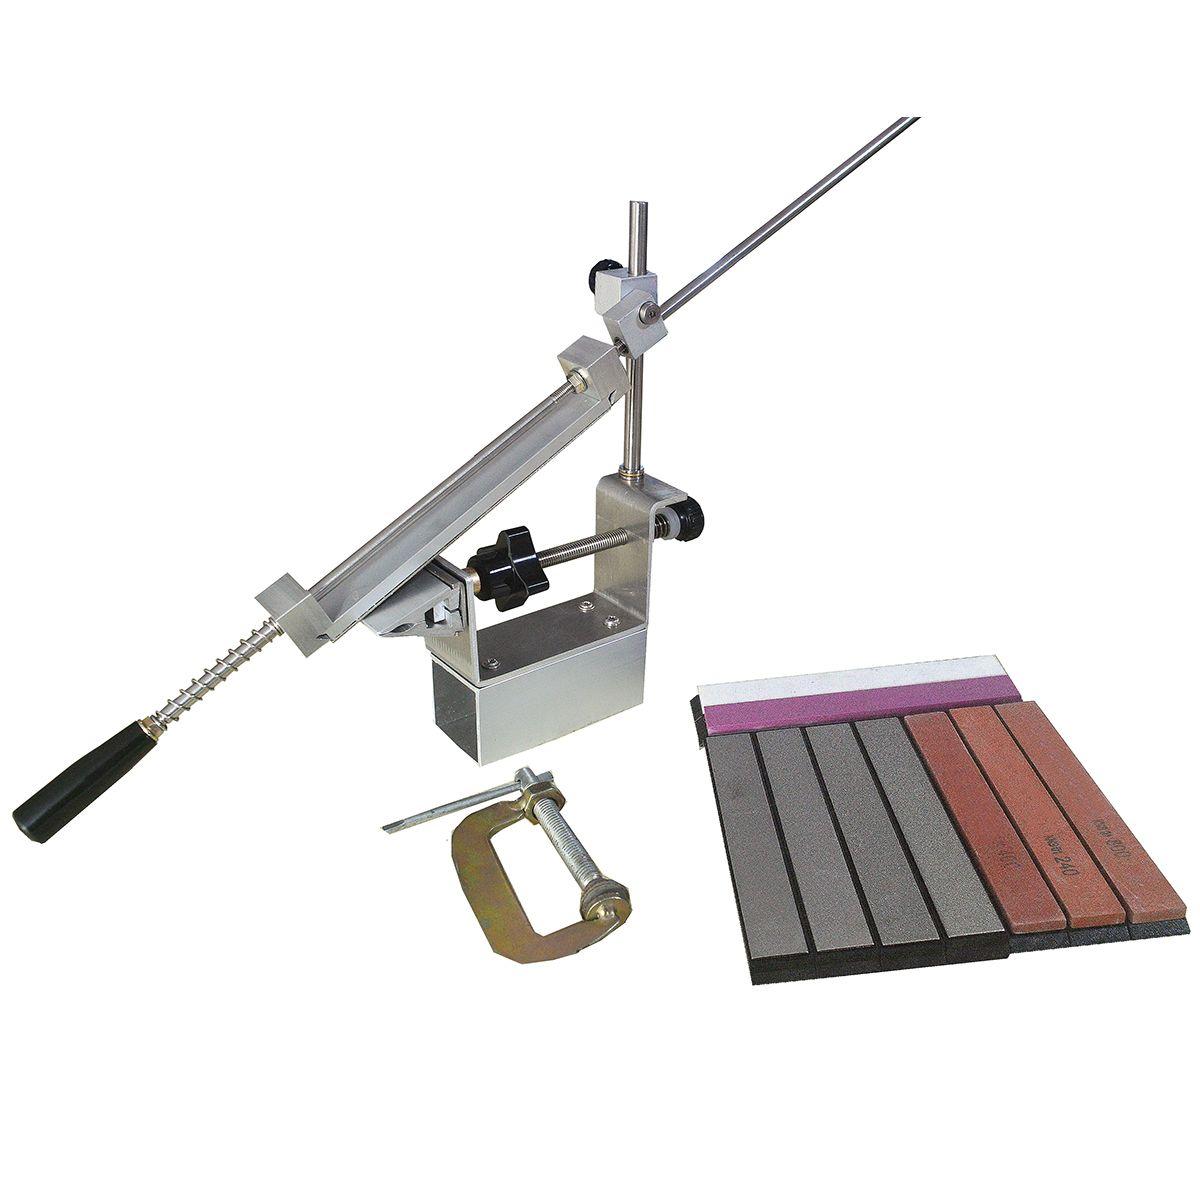 Affûteuse de couteau professionnel plus grand degré plus récent Portable 360 degrés Rotation clip Apex bord bord KME système 1 diamant pierre